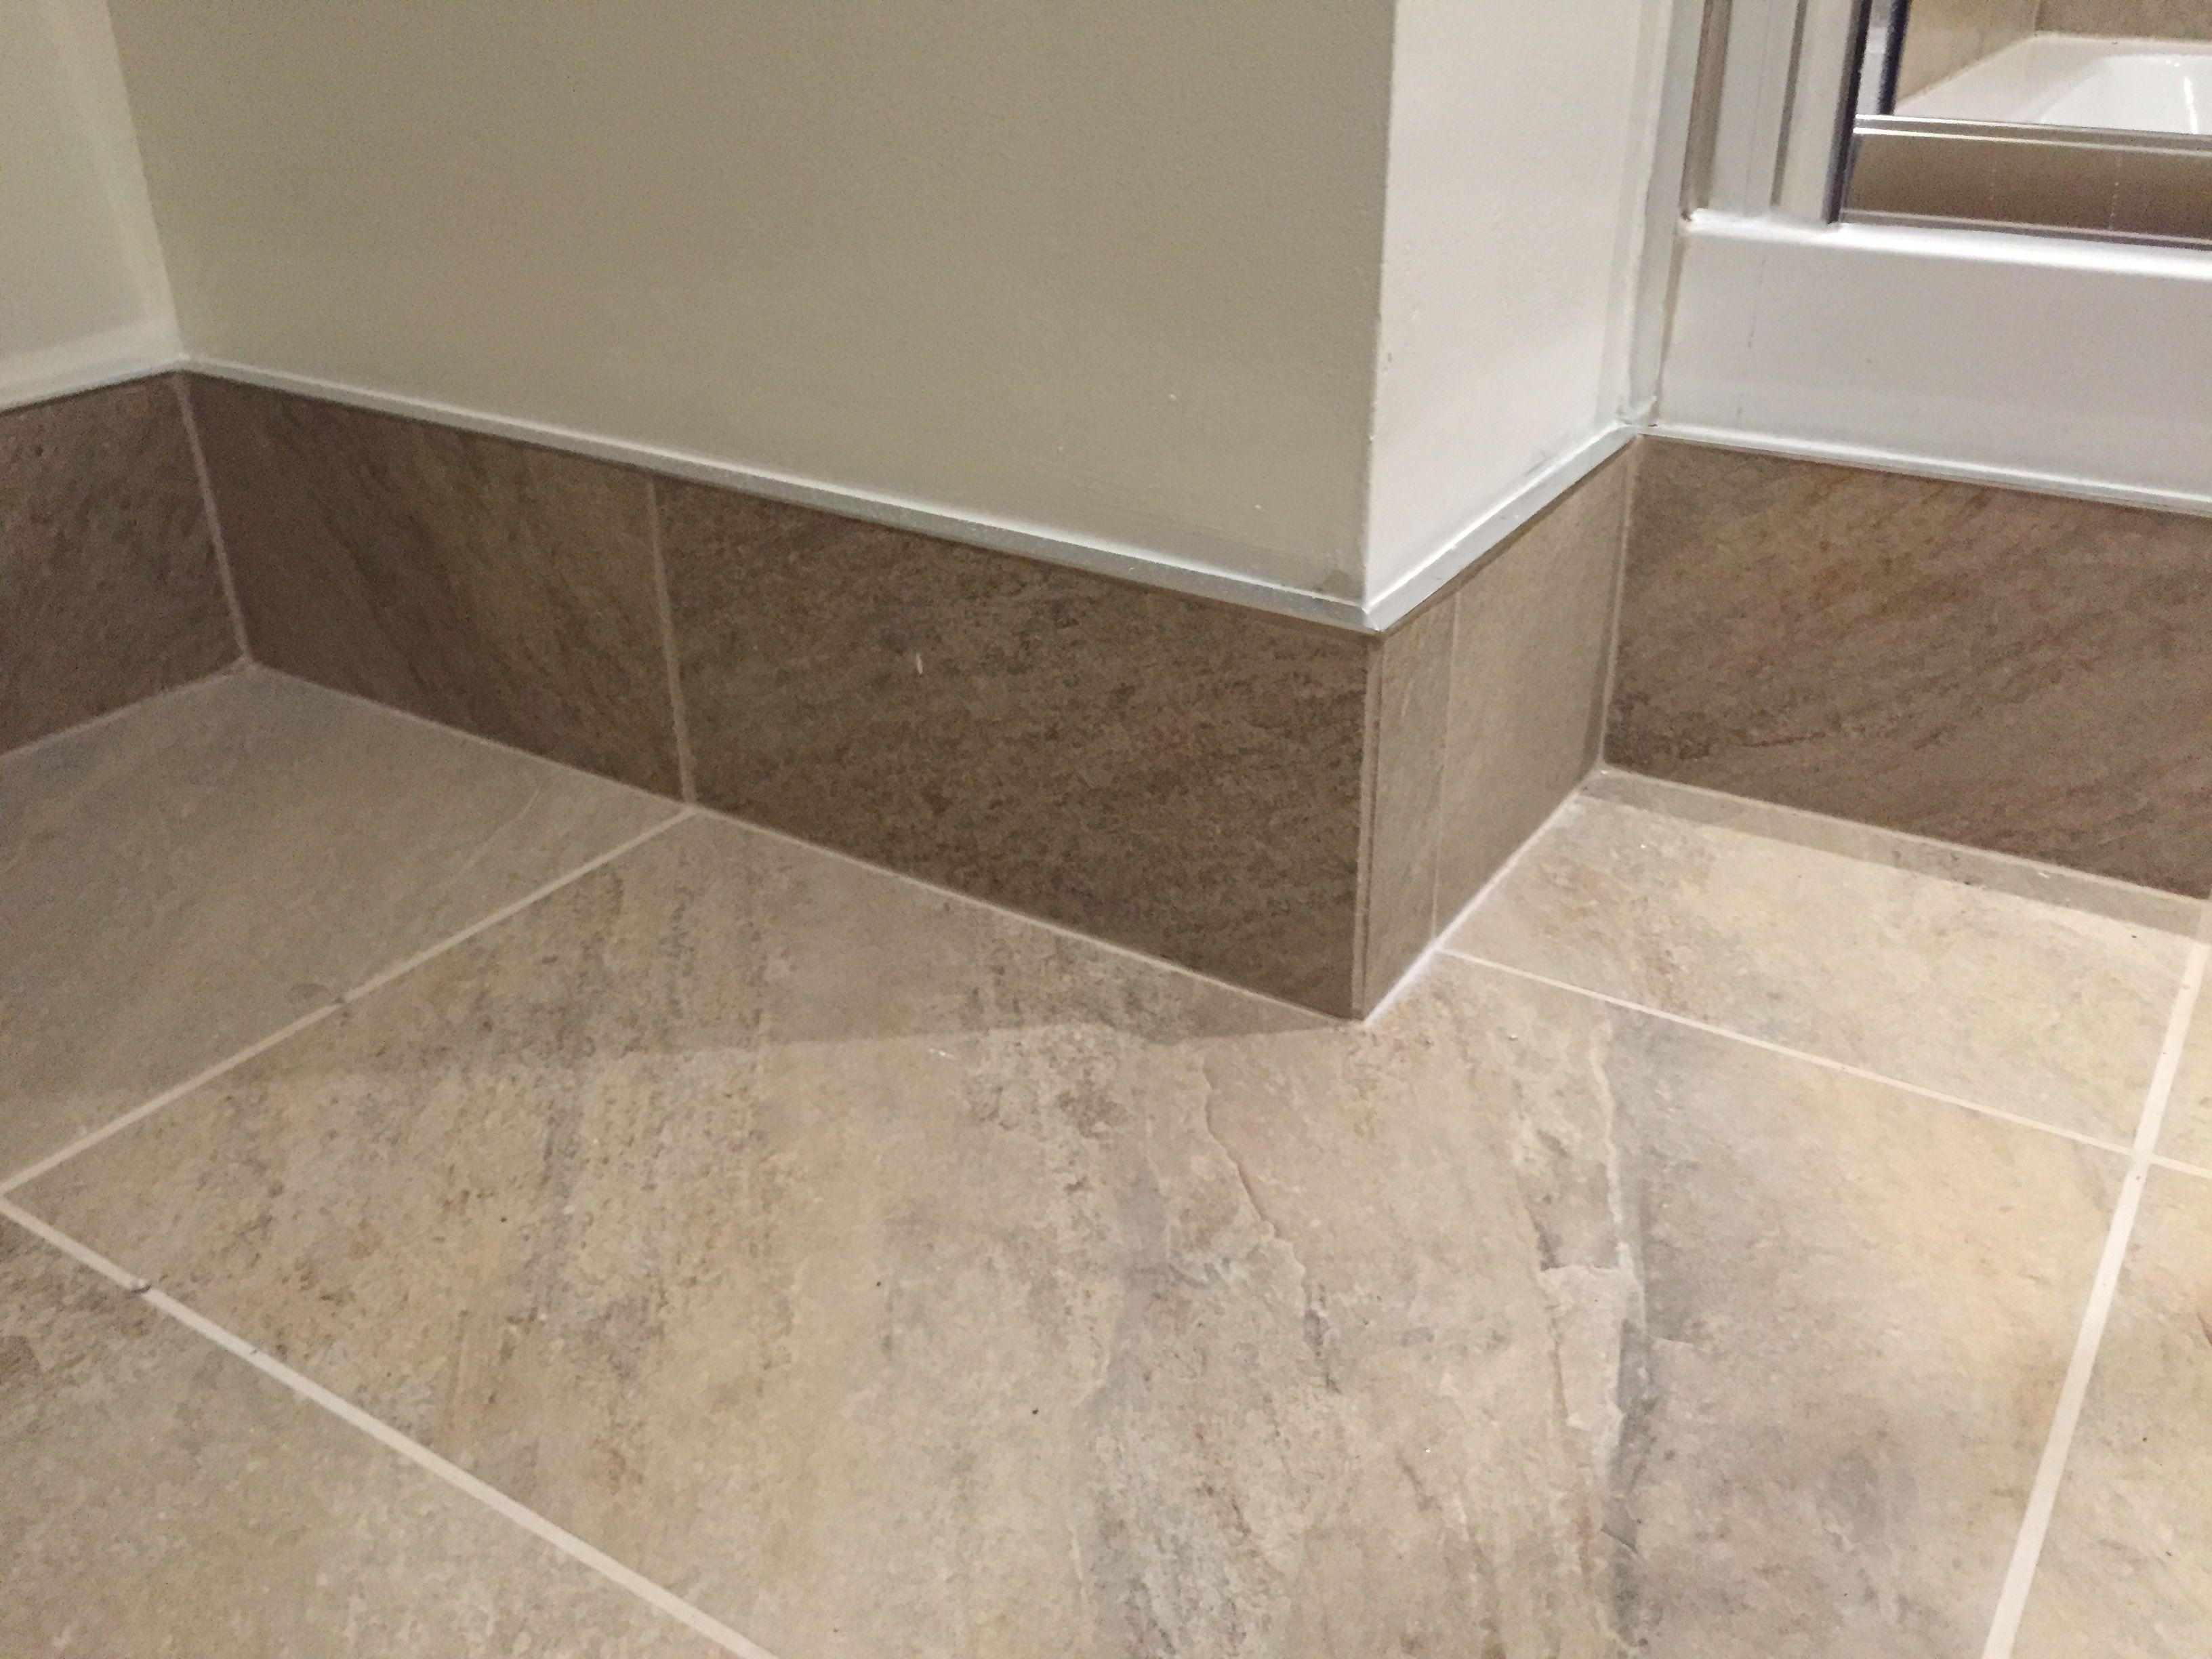 Slikovni Rezultat Za Marble Baseboards High Tile Tile Baseboard Bathroom Baseboard Baseboards